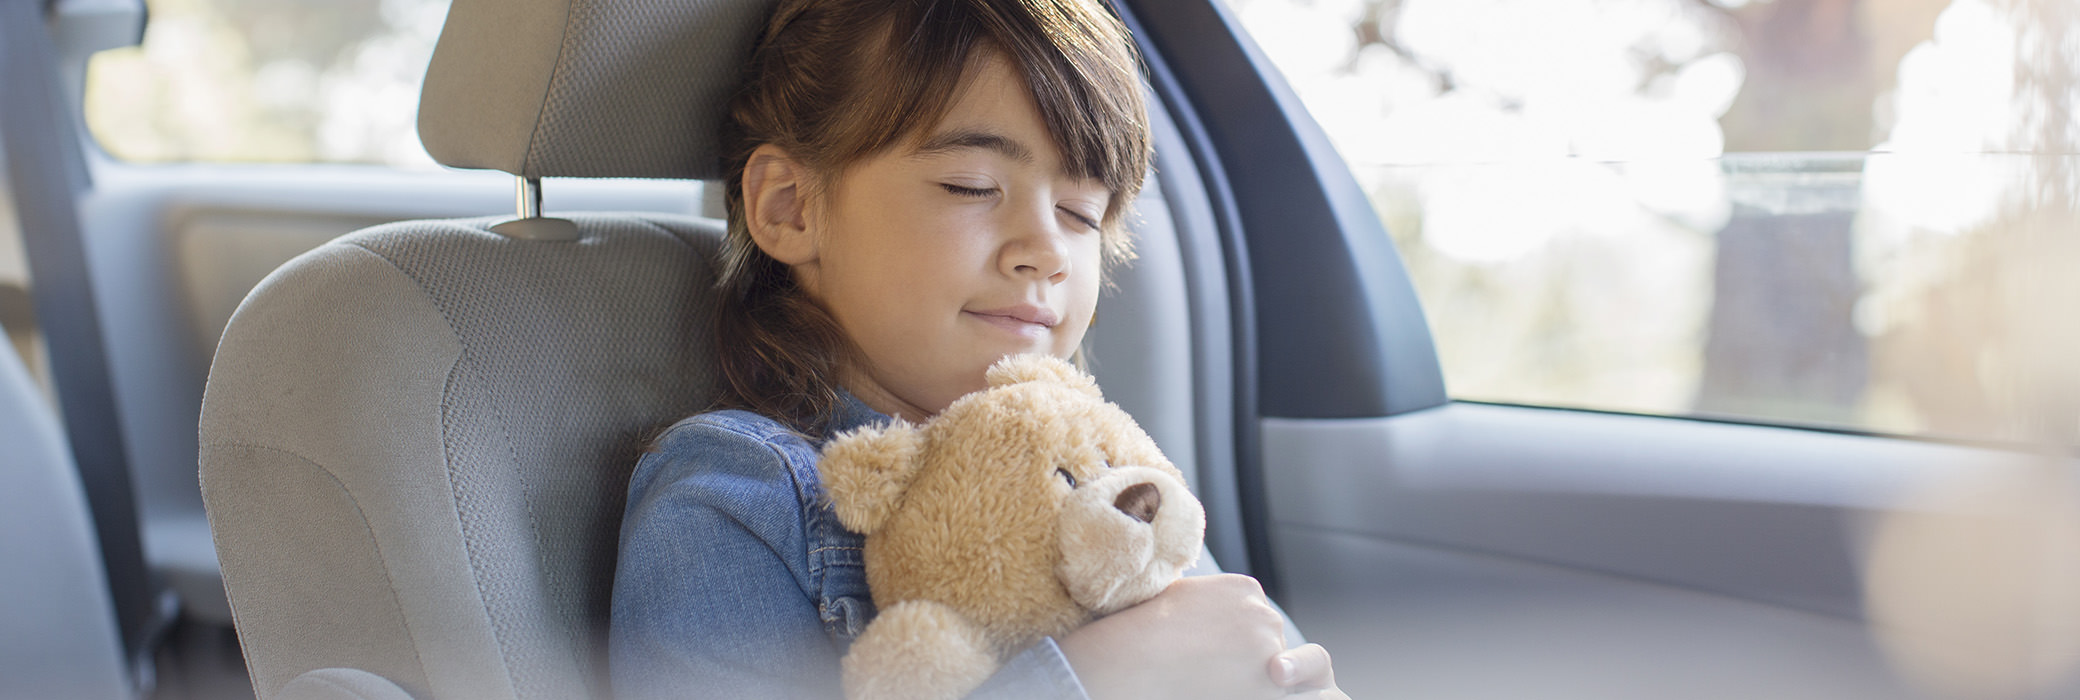 Une petite fille assise dans une voiture avec les yeux fermés, elle rit et tient une peluche